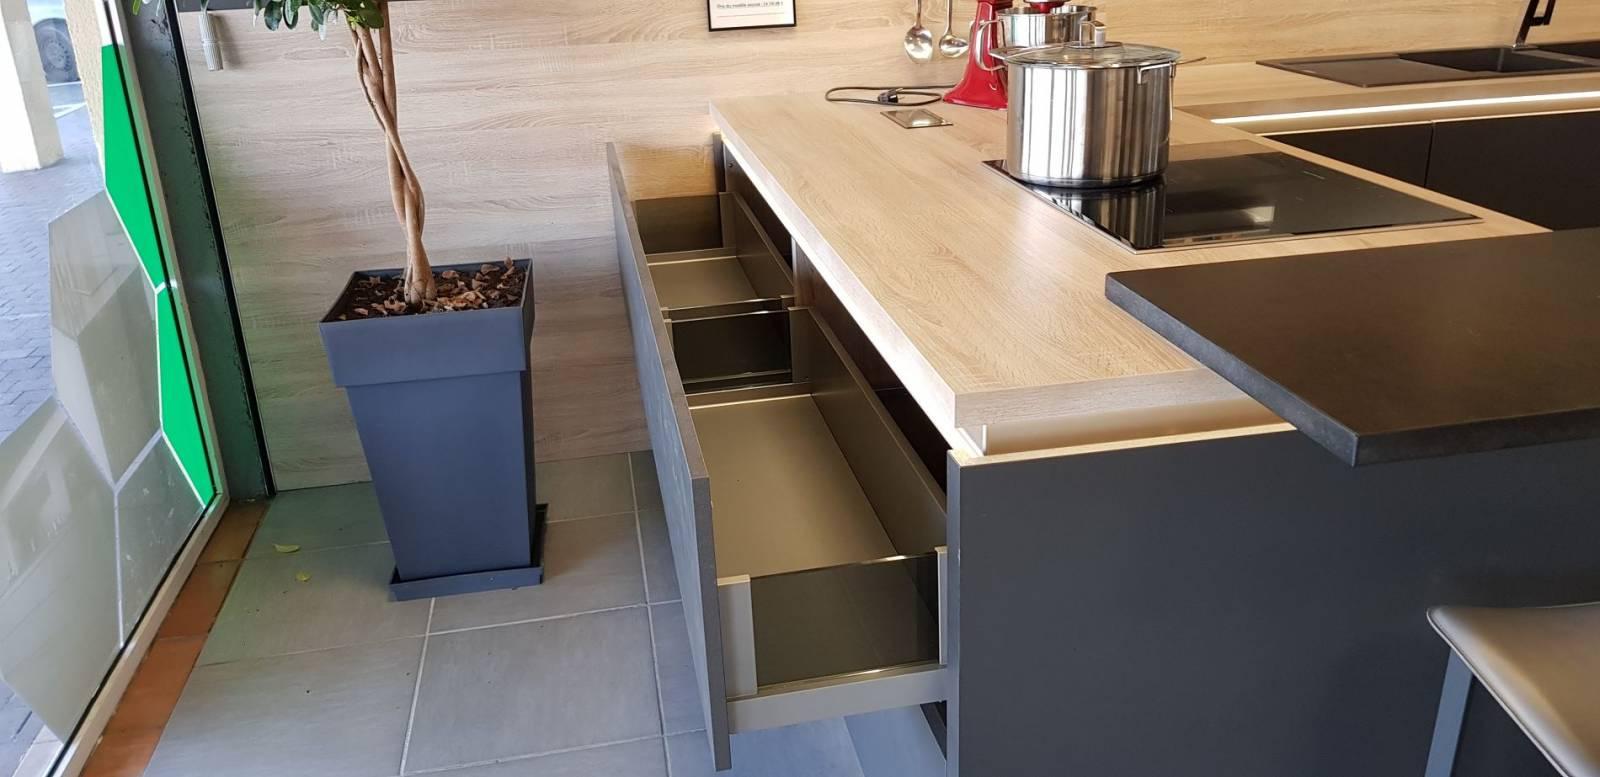 acheter une cuisine d 39 exposition pas ch re sur libourne conception de cuisines allemandes. Black Bedroom Furniture Sets. Home Design Ideas